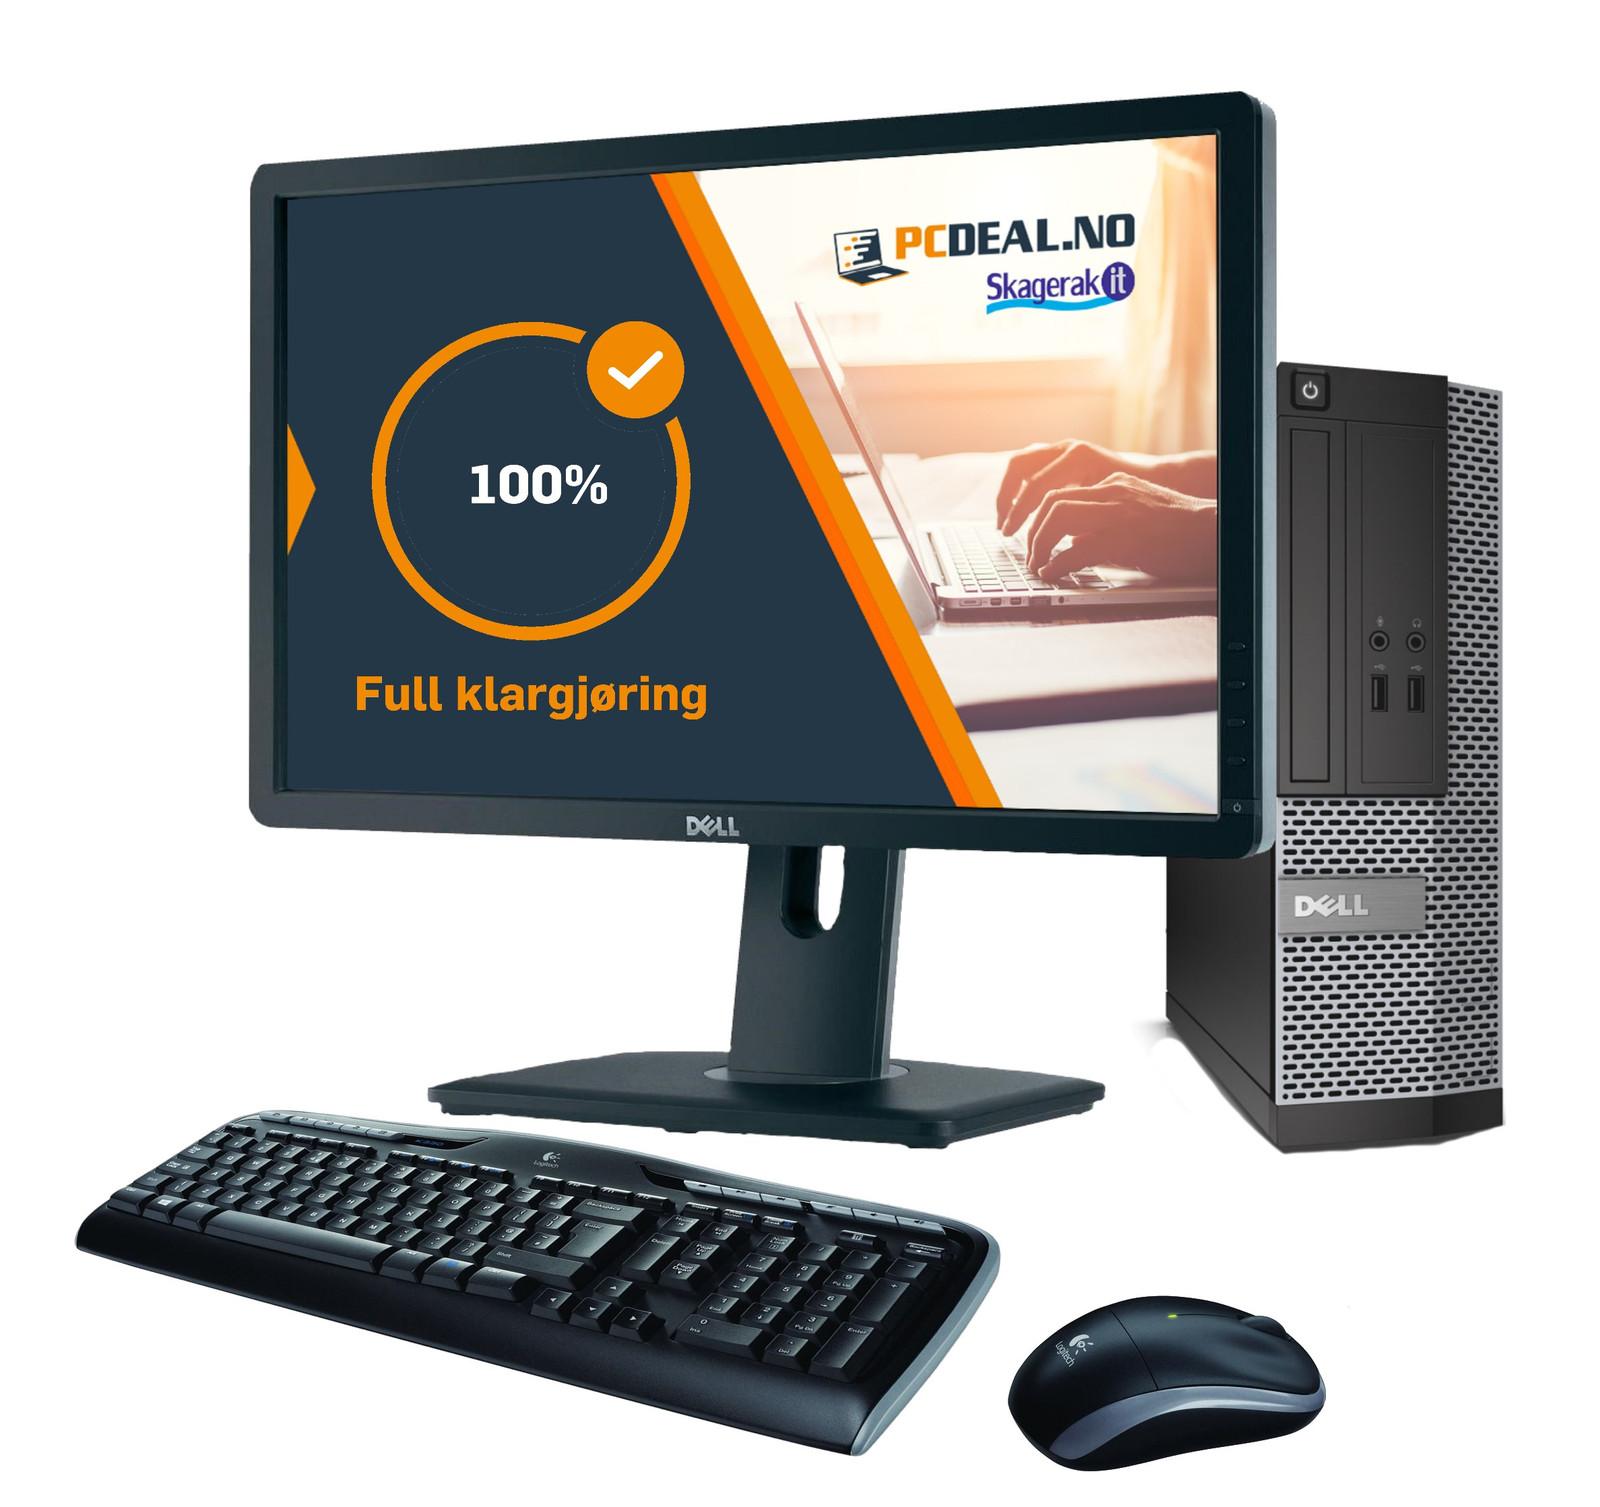 Kontor Pakke med PC, skjerm, mus og tastatur klar til bruk